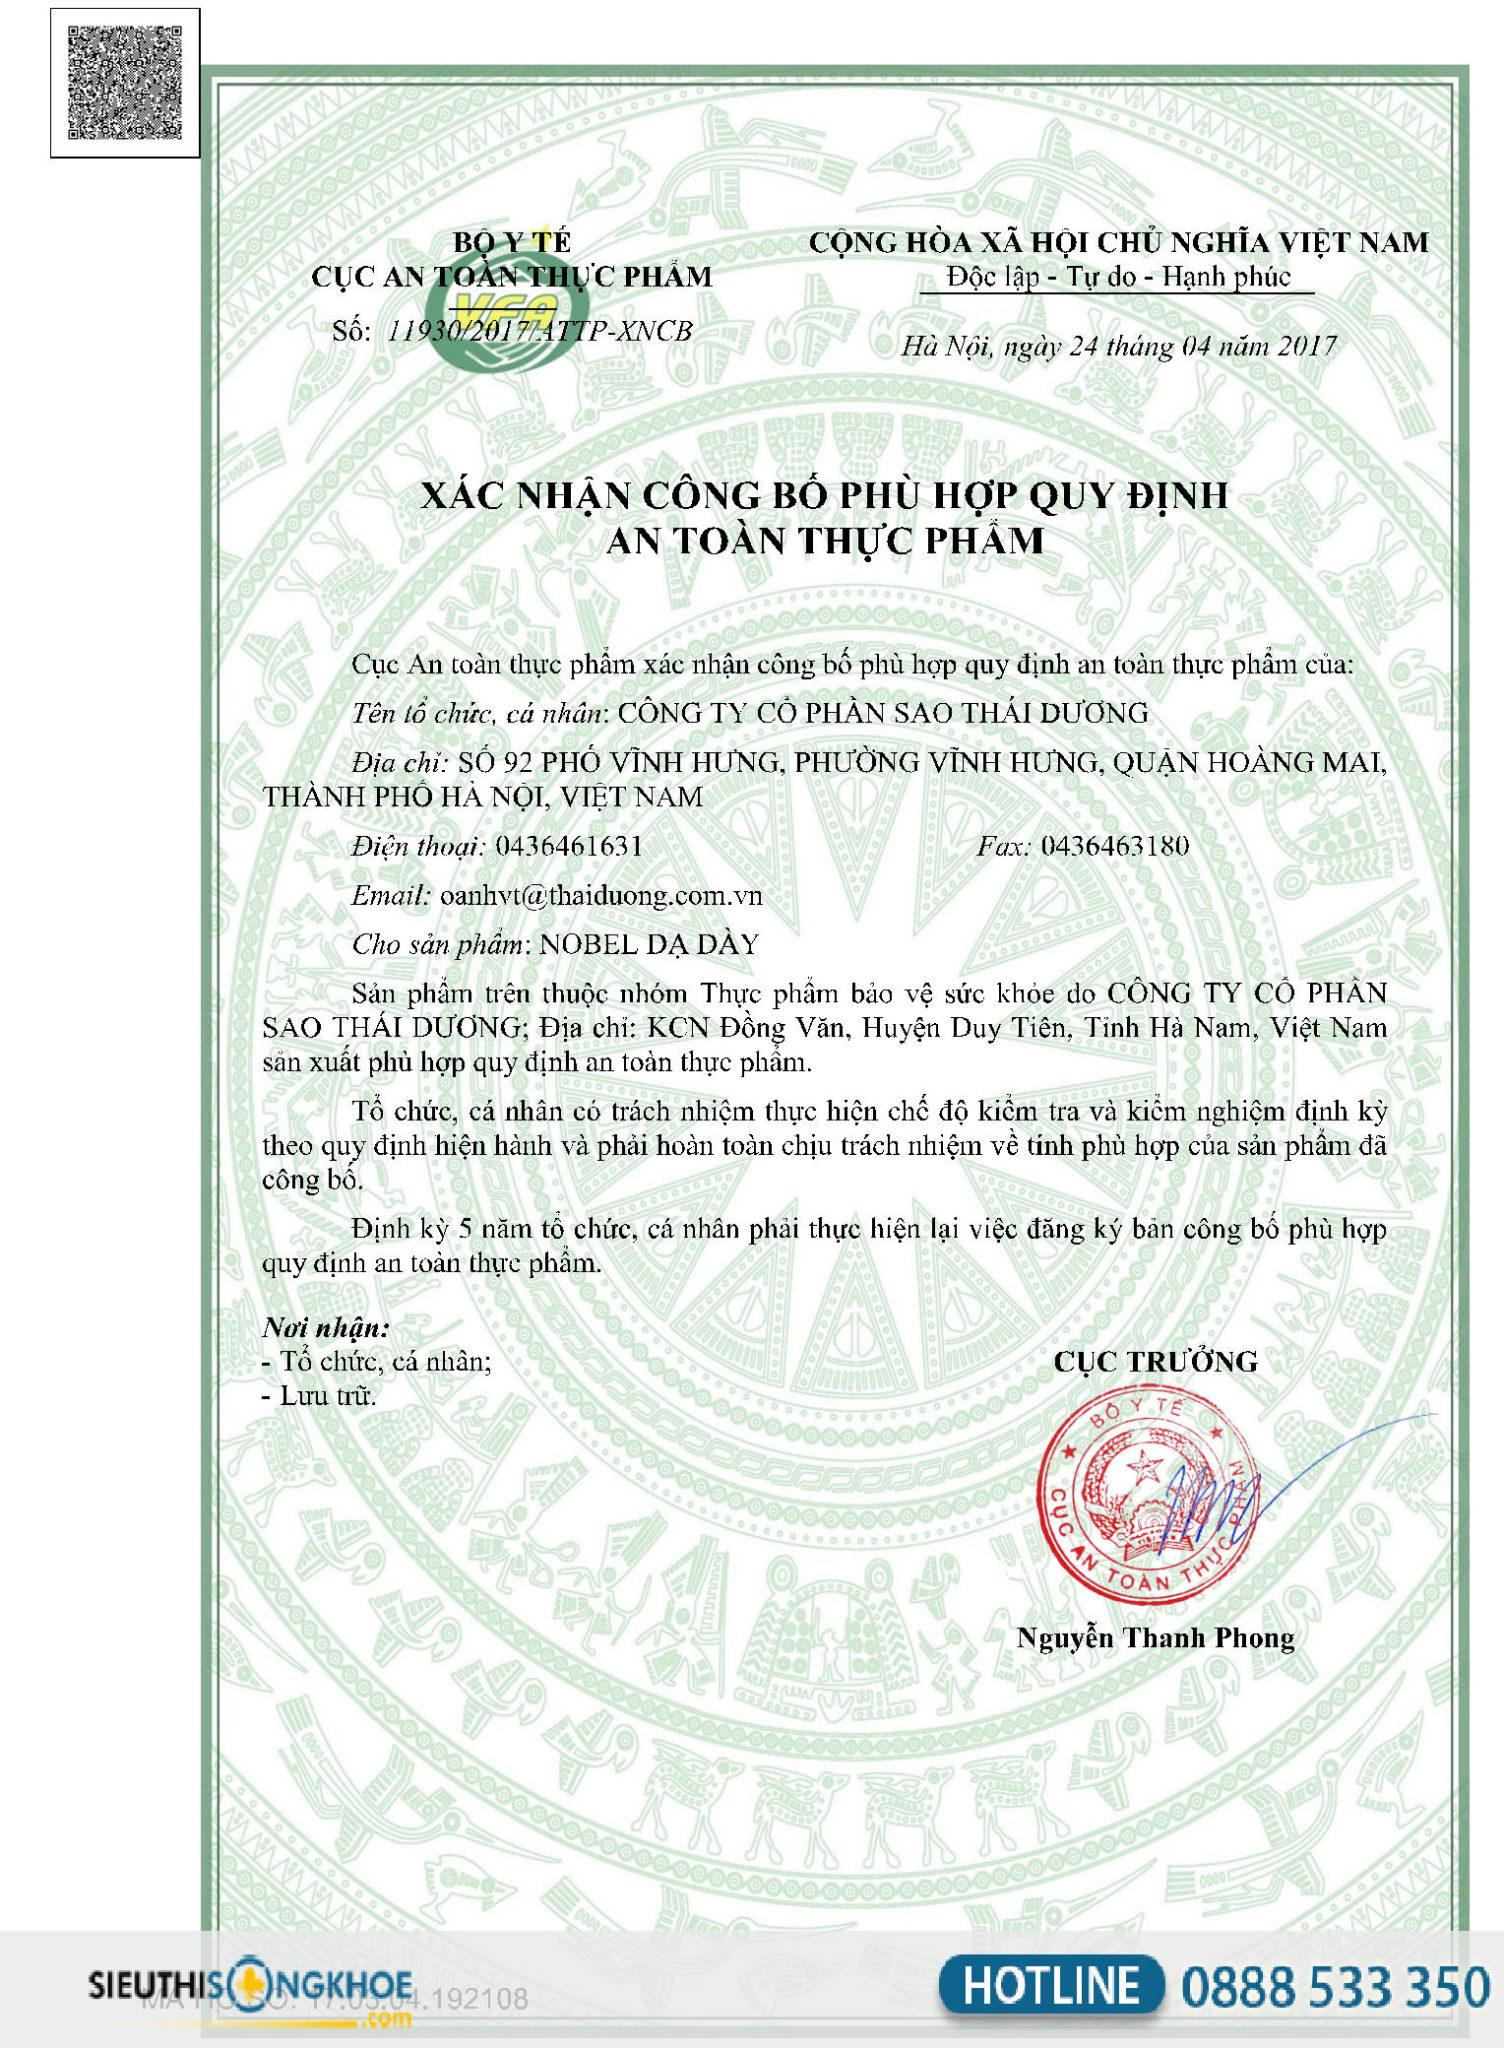 giấy chứng nhận nobel dạ dày